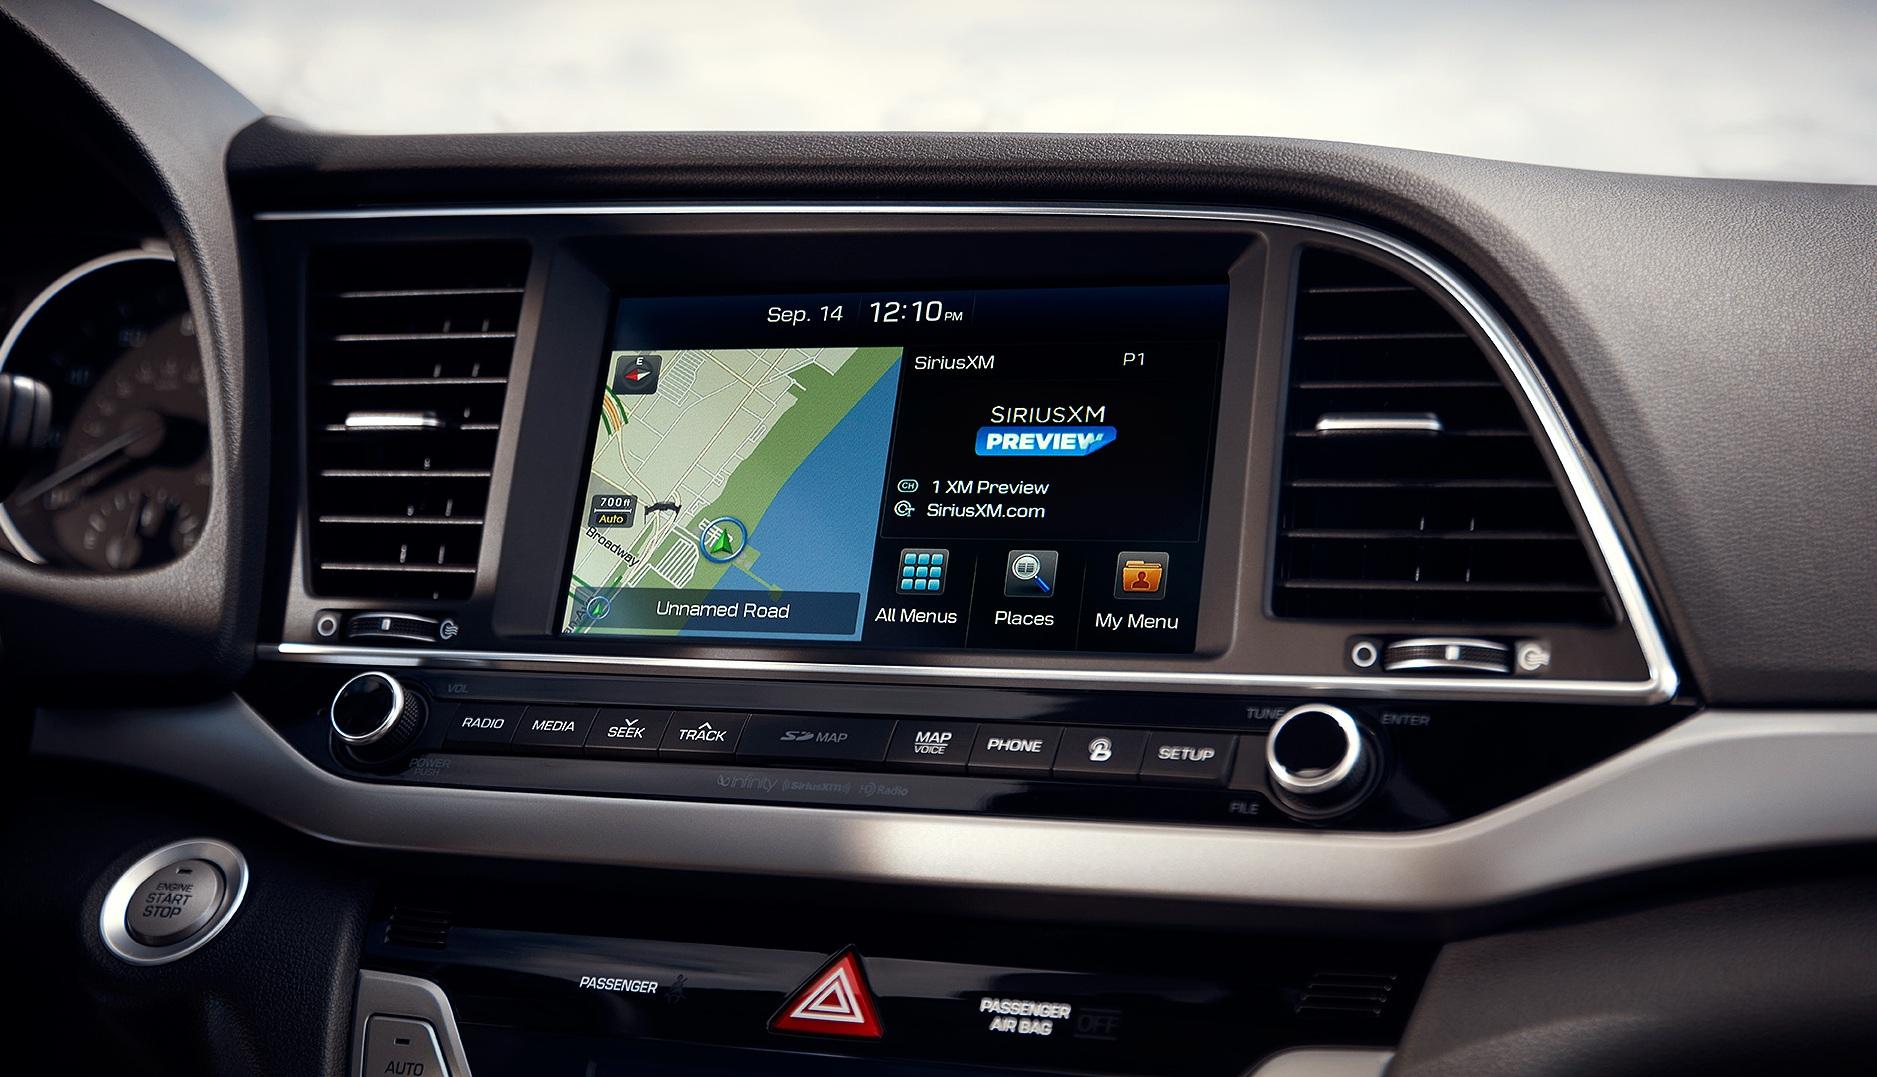 2017 Hyundai Elantra Touchscreen View